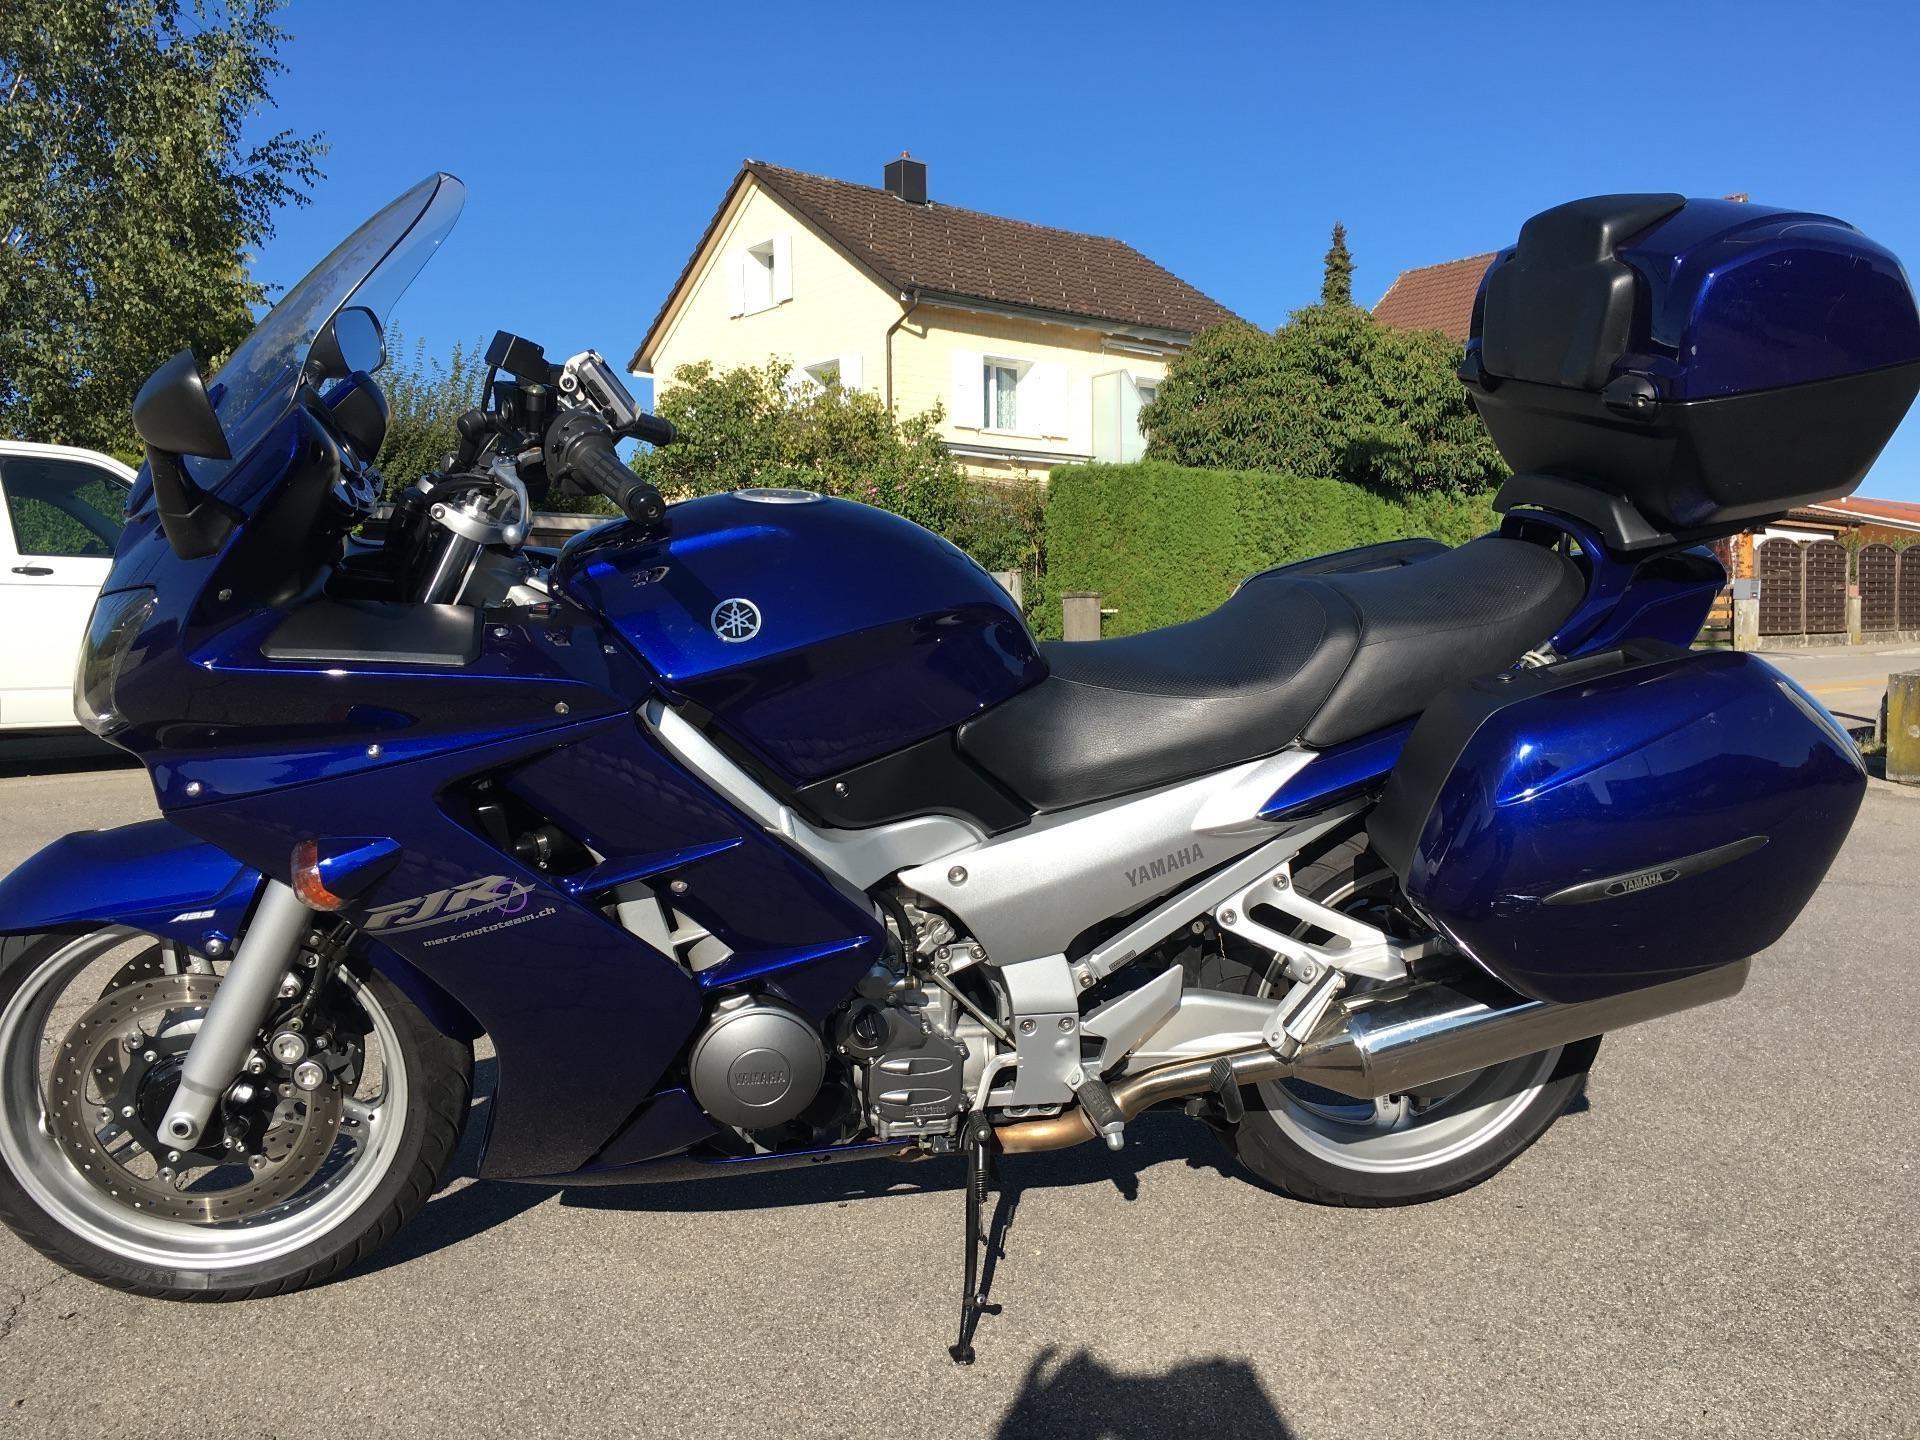 motorrad occasion kaufen yamaha fjr 1300 abs merz mototeam riedt bei erlen. Black Bedroom Furniture Sets. Home Design Ideas